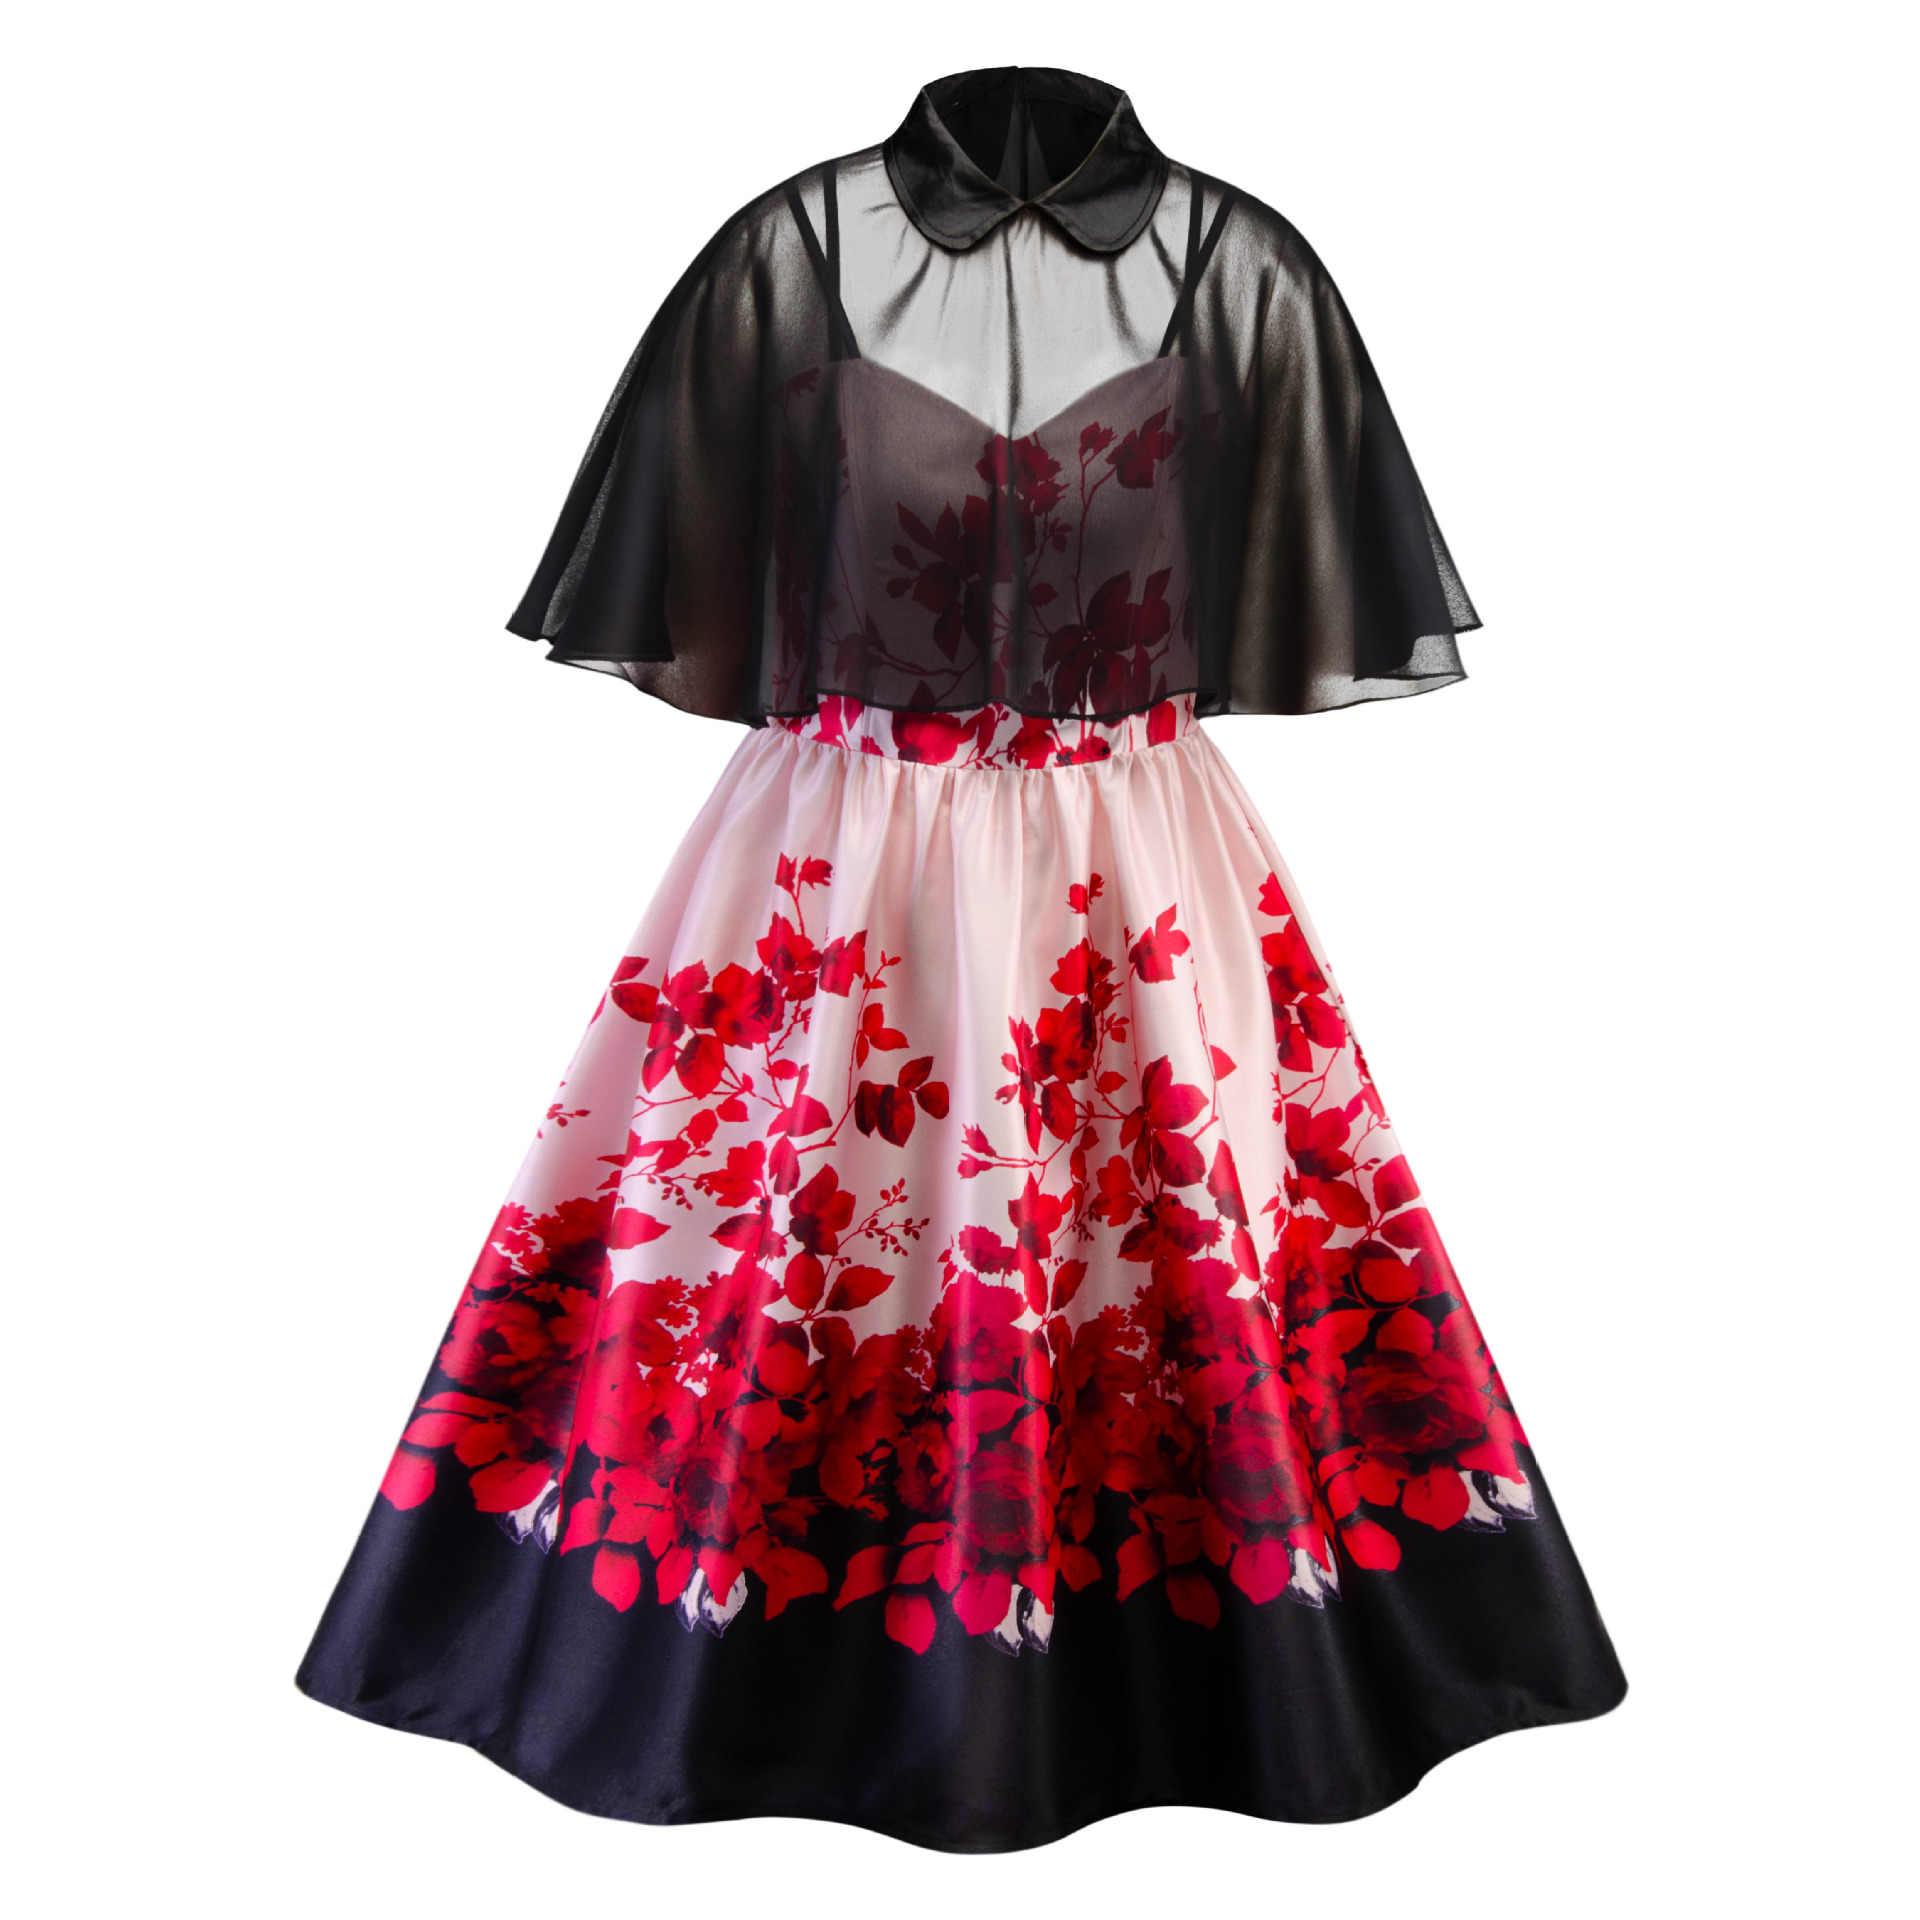 Wipalo/женское платье больших размеров 5XL из двух частей, платье с цветочным принтом, расклешенное платье трапециевидной формы, вечерние платья по колено, весенне-летнее платье в китайском стиле, Vestido